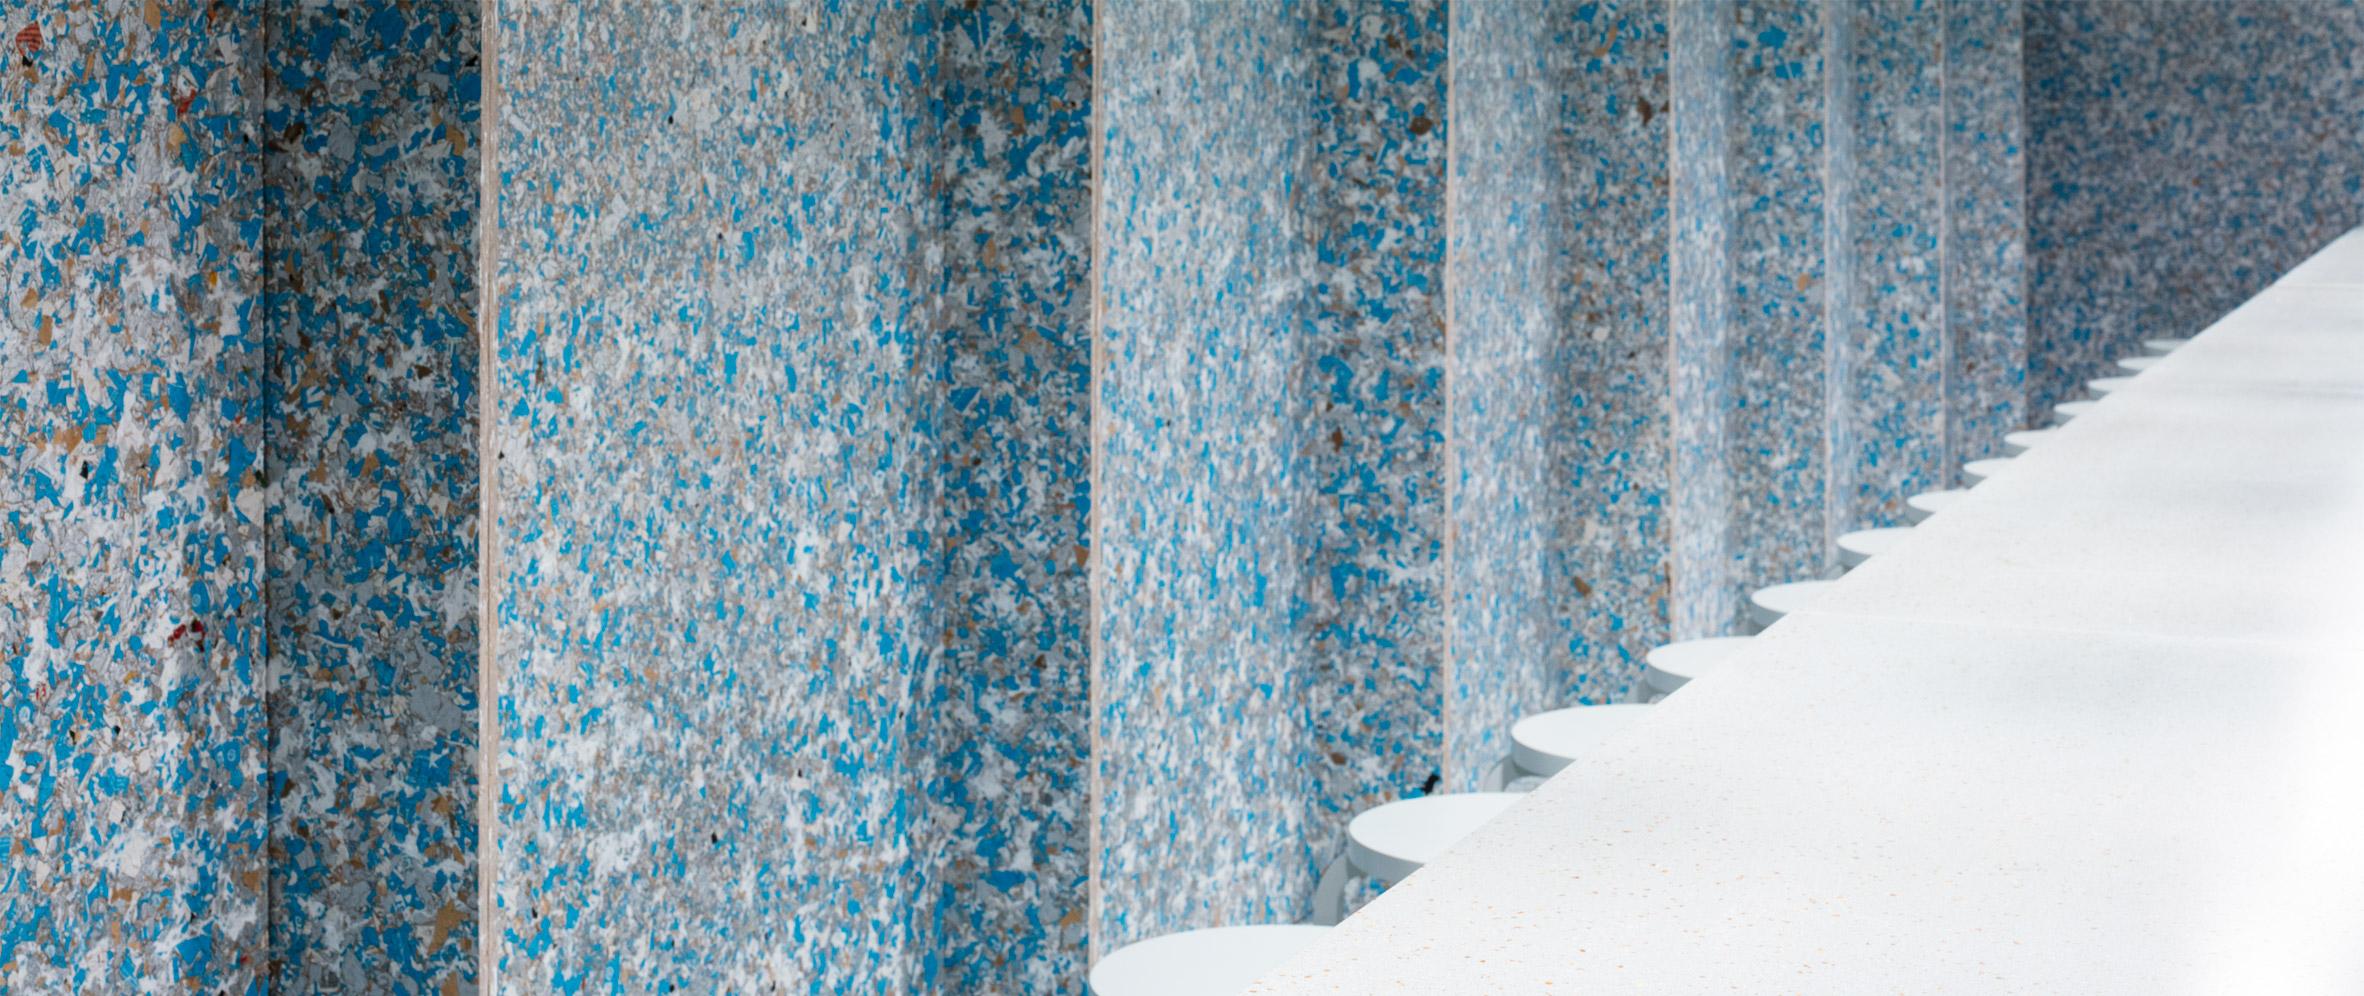 zero-waste-bistro-finnish-design-new-york-city-usa_dezeen_2364_col_1_header